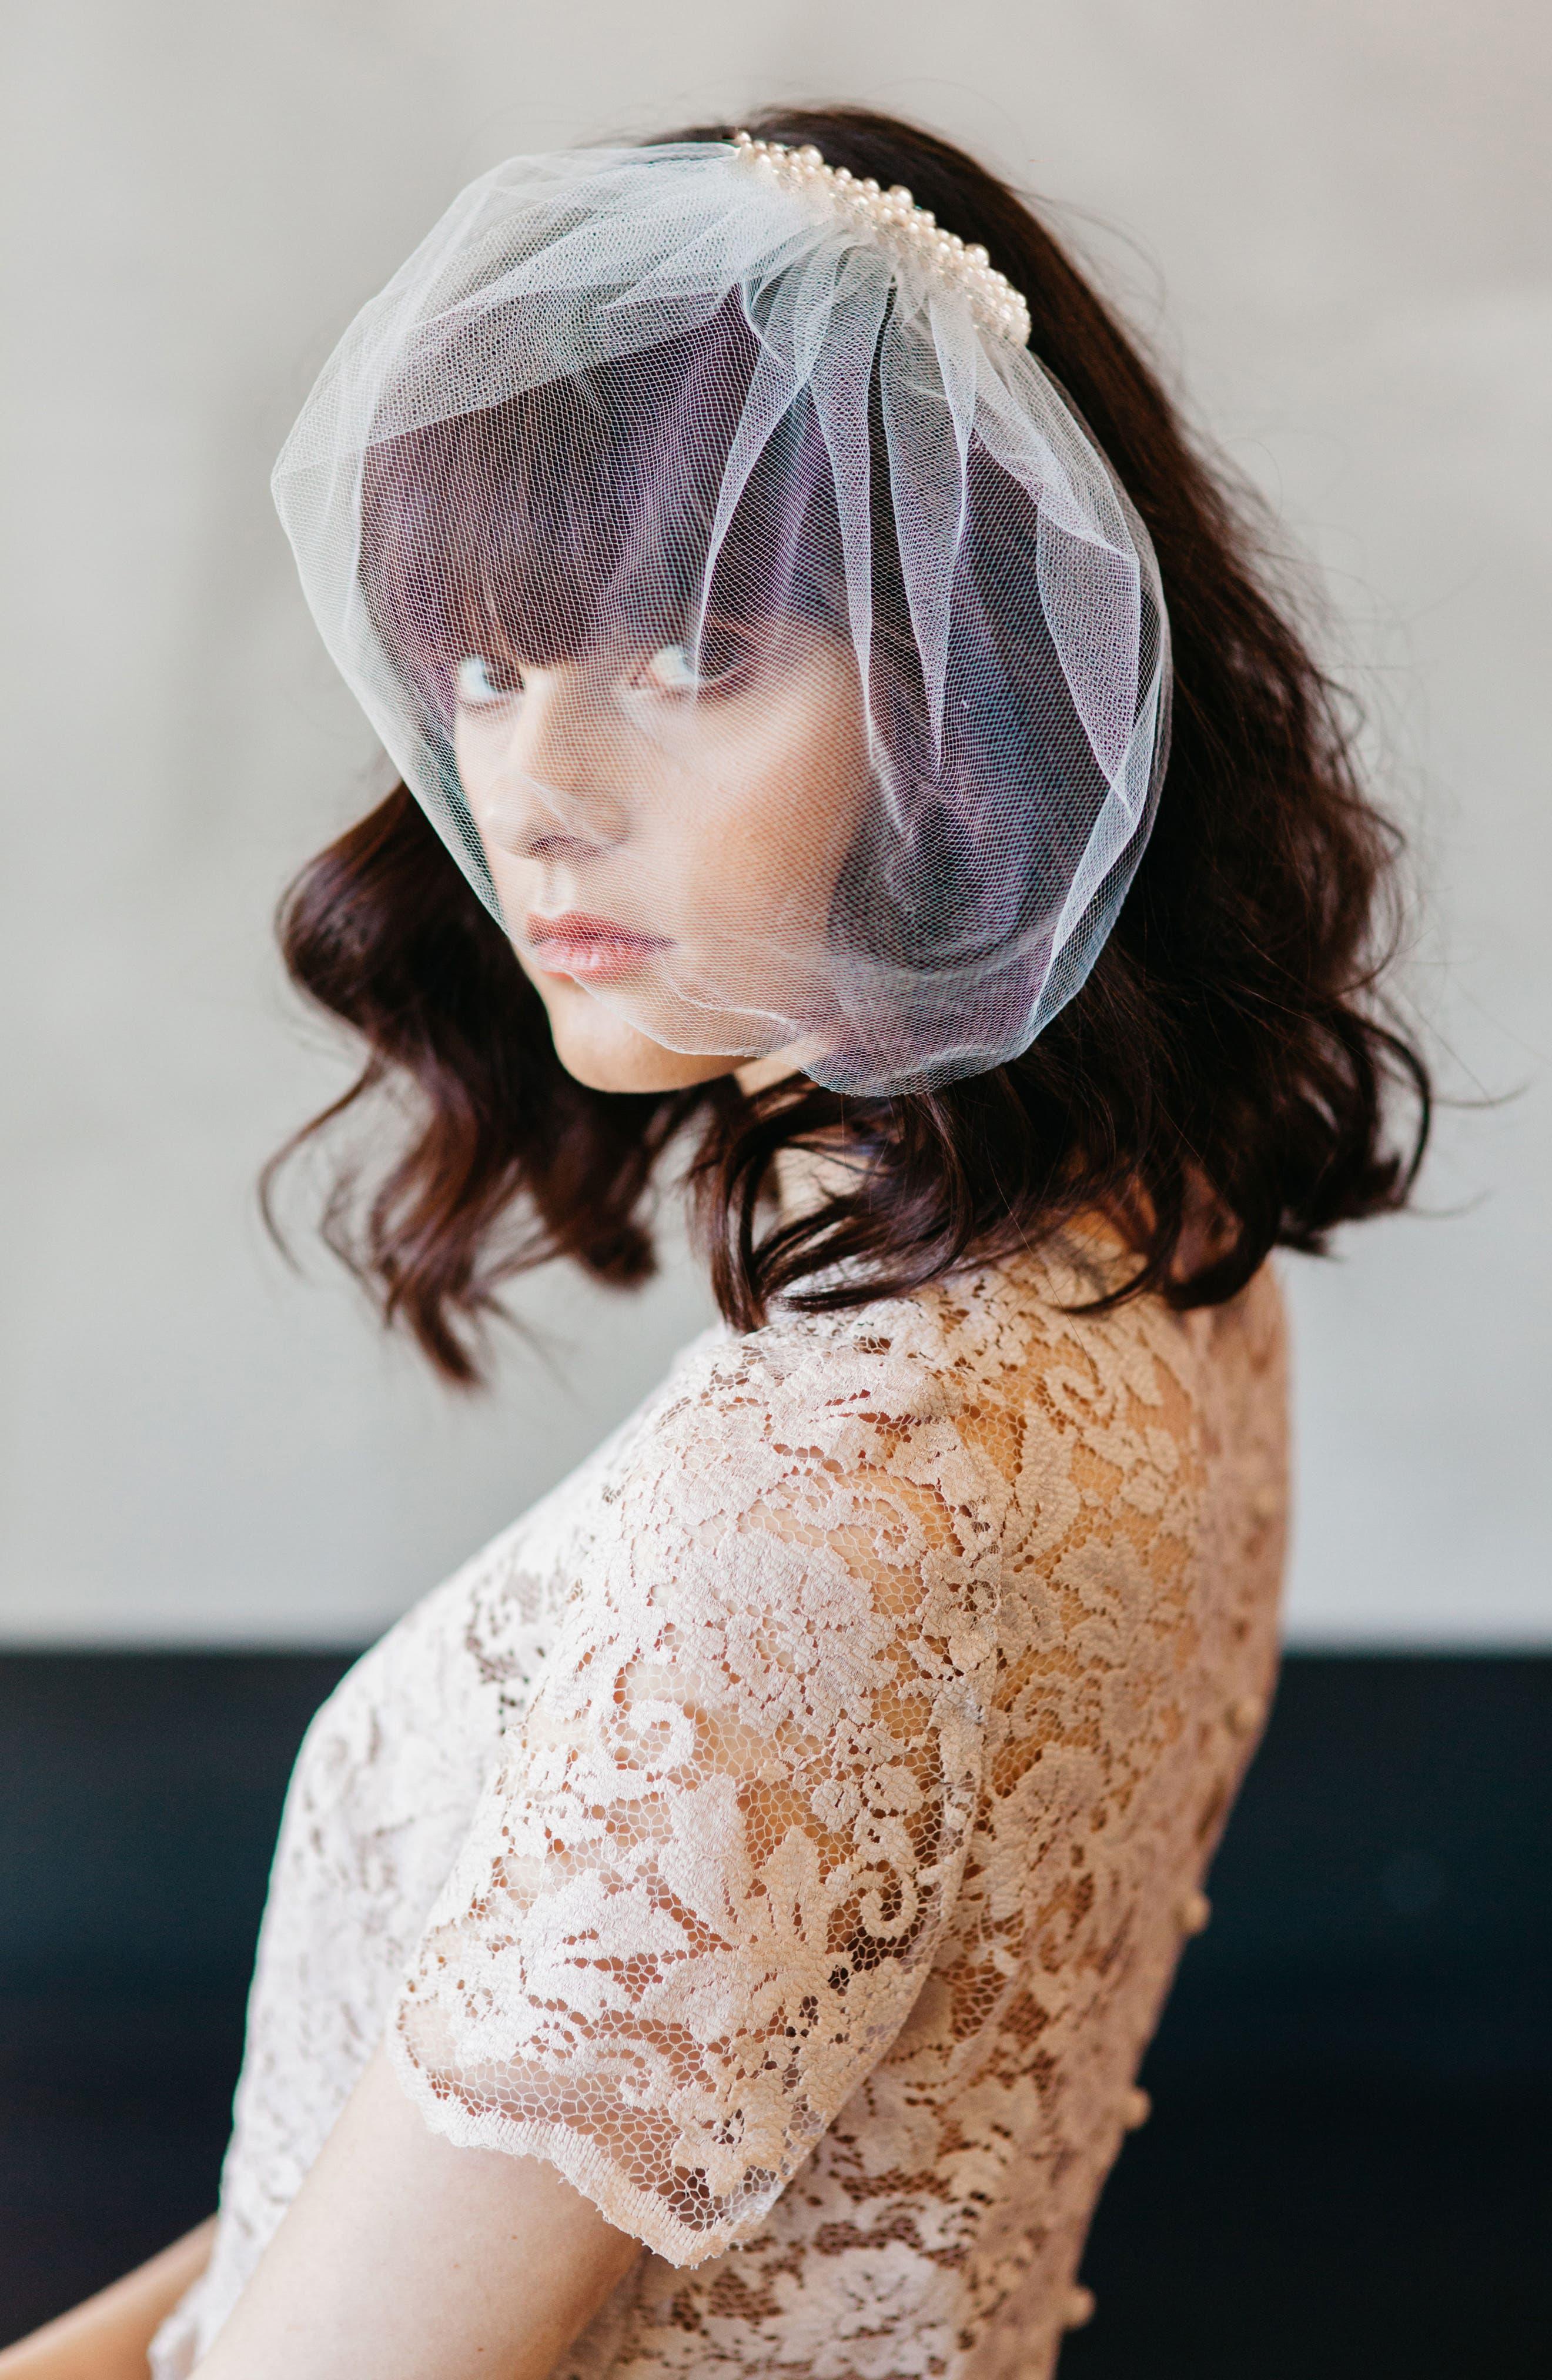 Alternate Image 1 Selected - J-Picone Bridal Veil Hair Comb